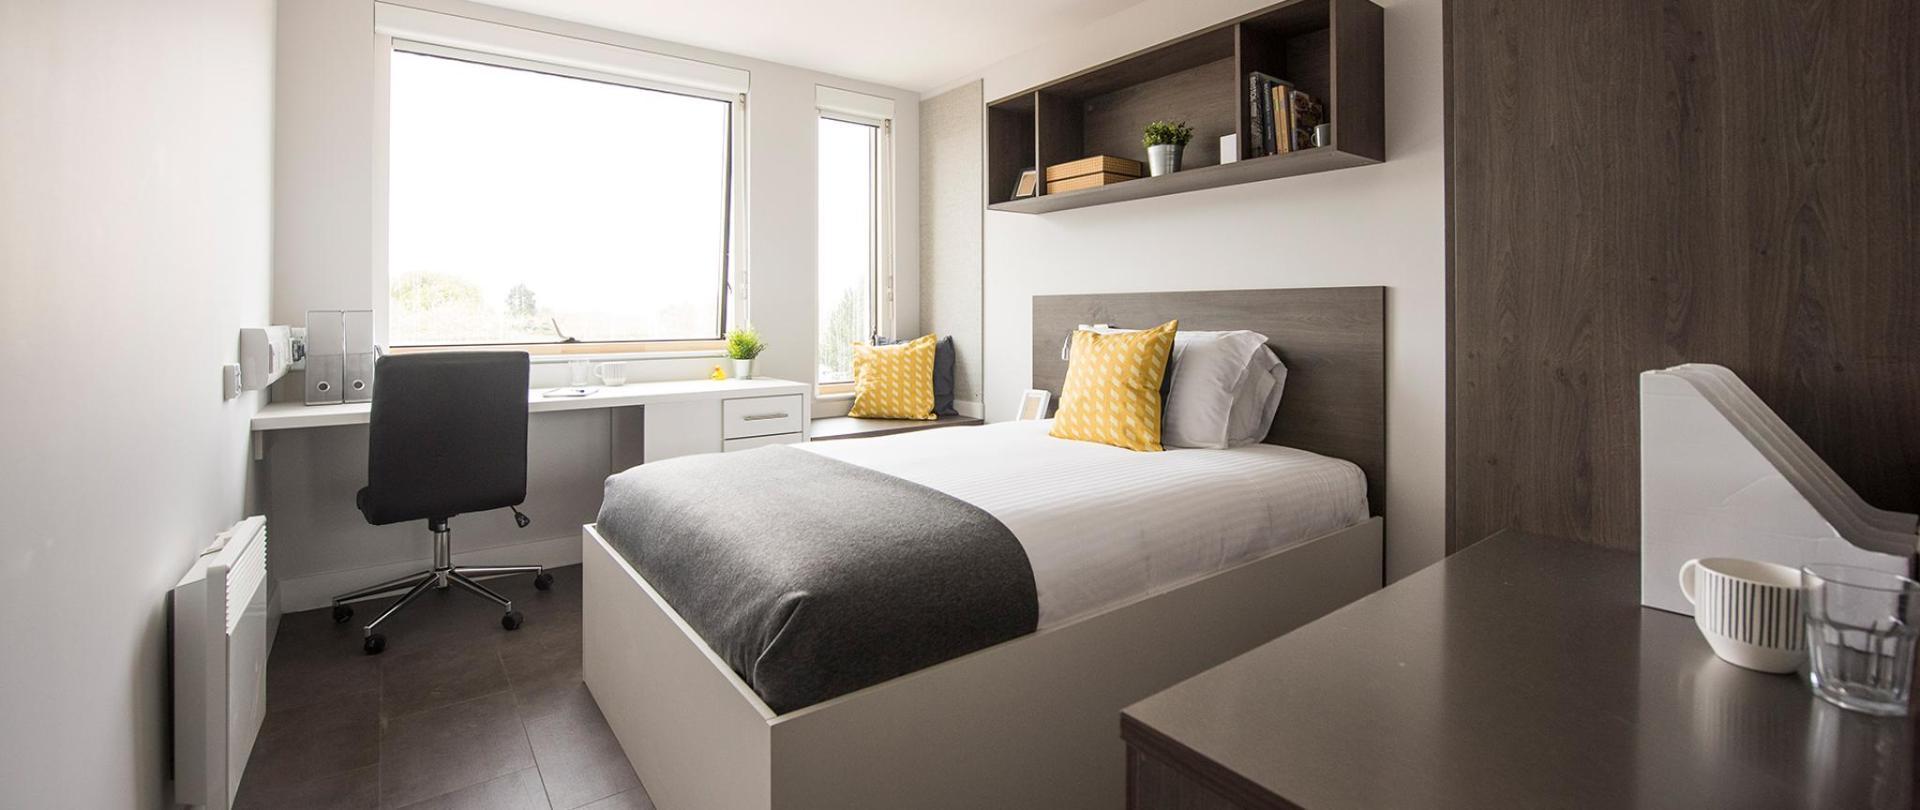 Polden-bedroom-2.jpg